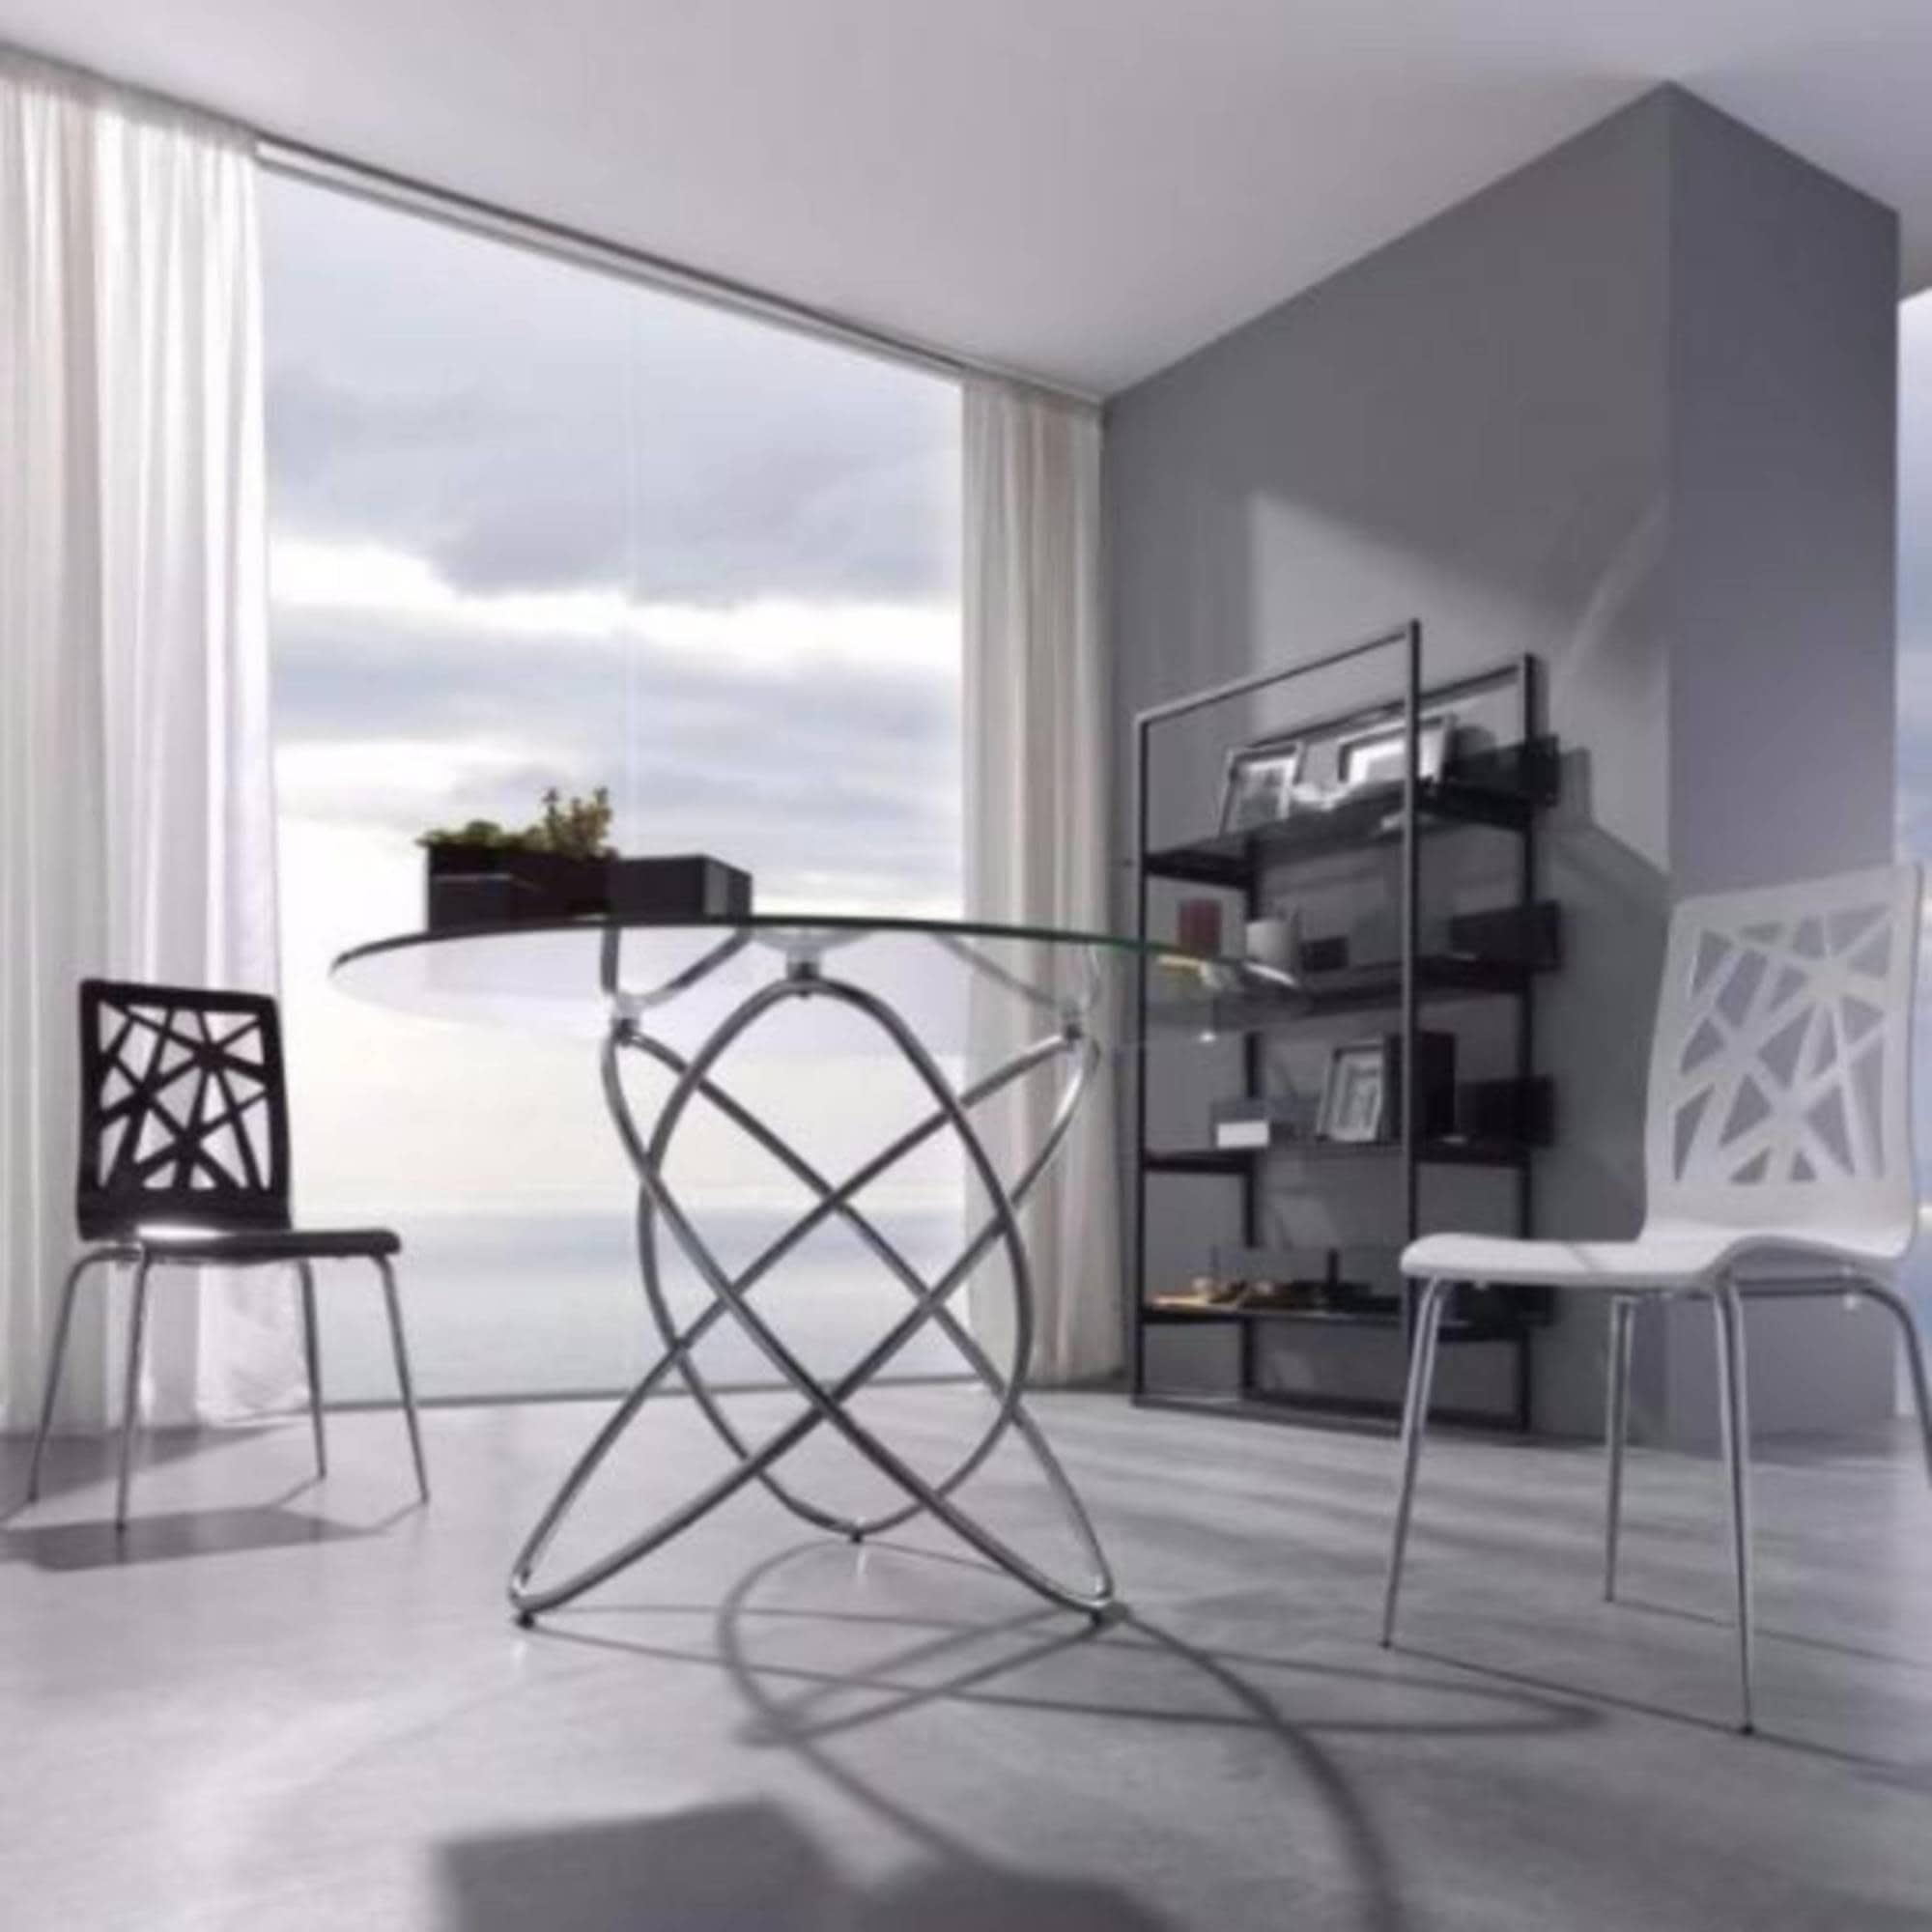 Tiendas De Muebles En Rivas Latest Inicio Arganda Rivas Madrid  # Muebles Remar Alcala De Henares